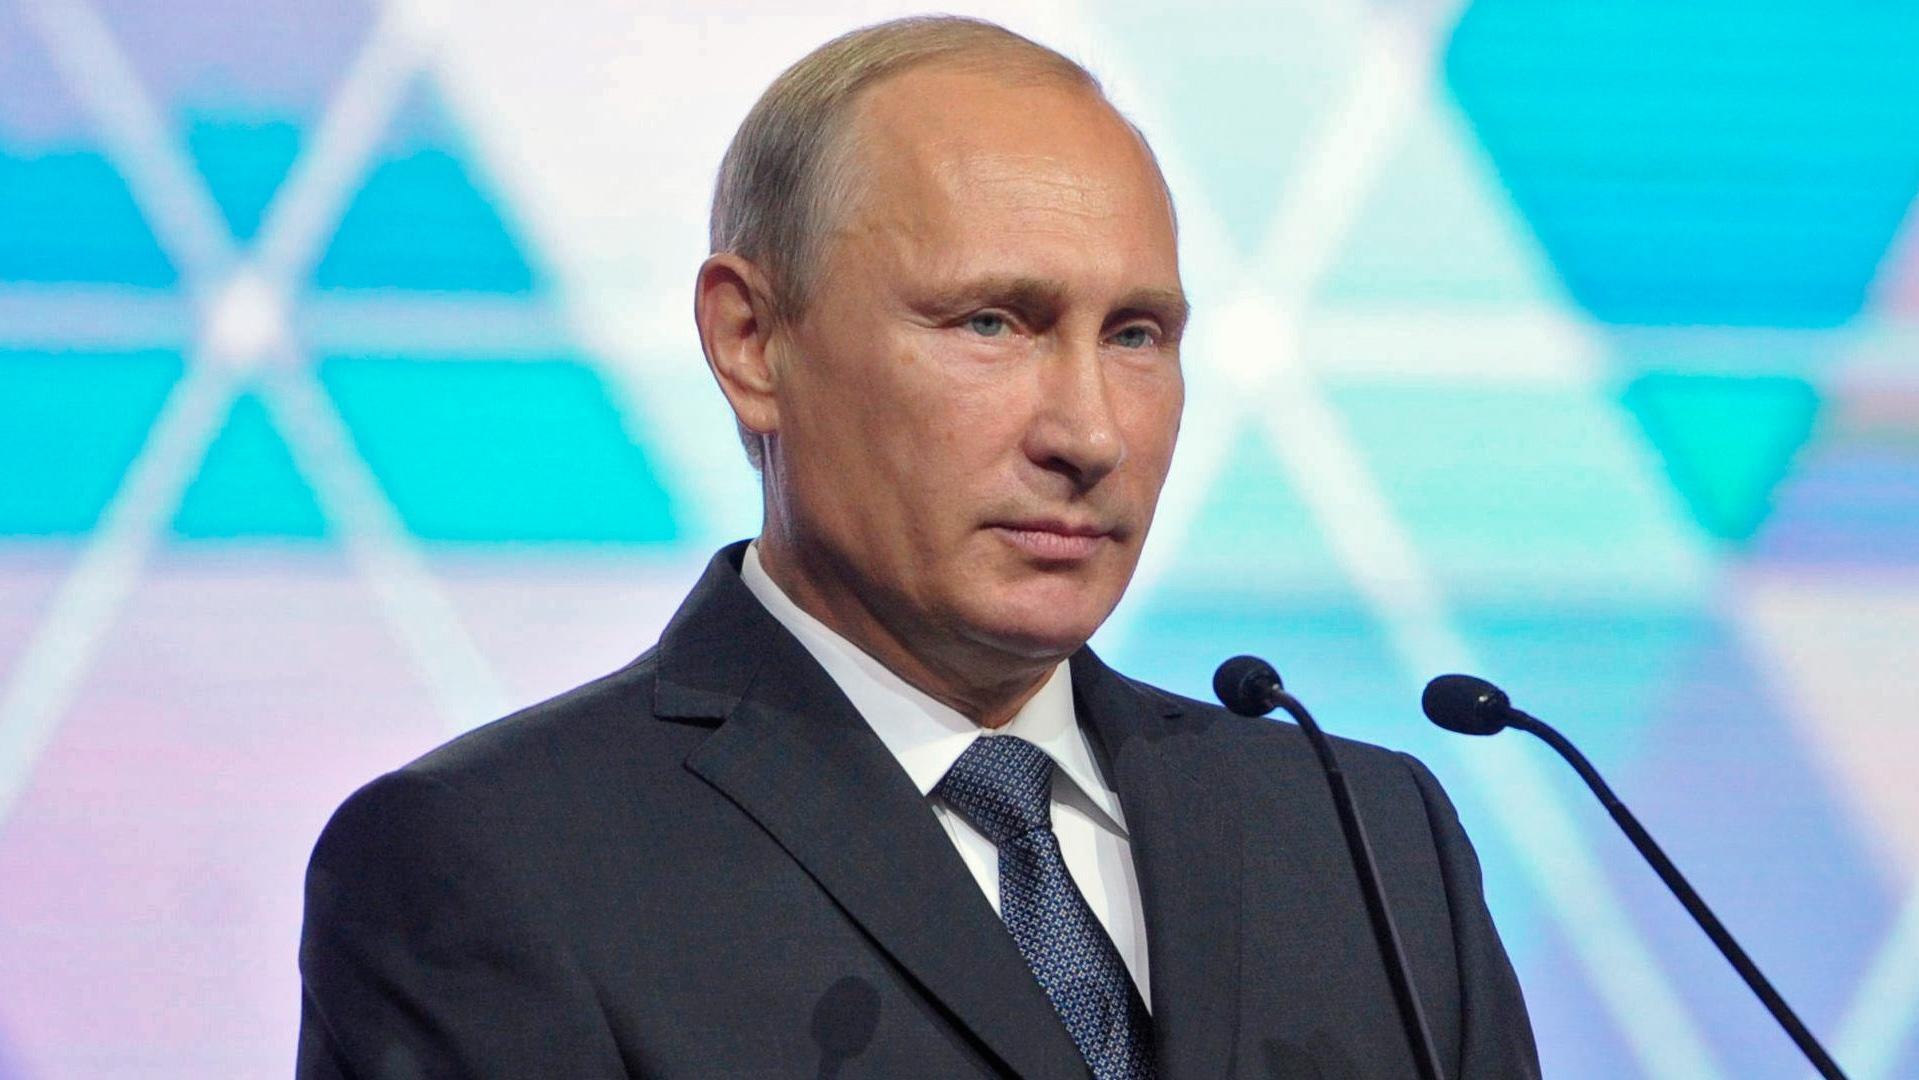 Путин: Родченков таскал в Российскую Федерацию всякую мерзость